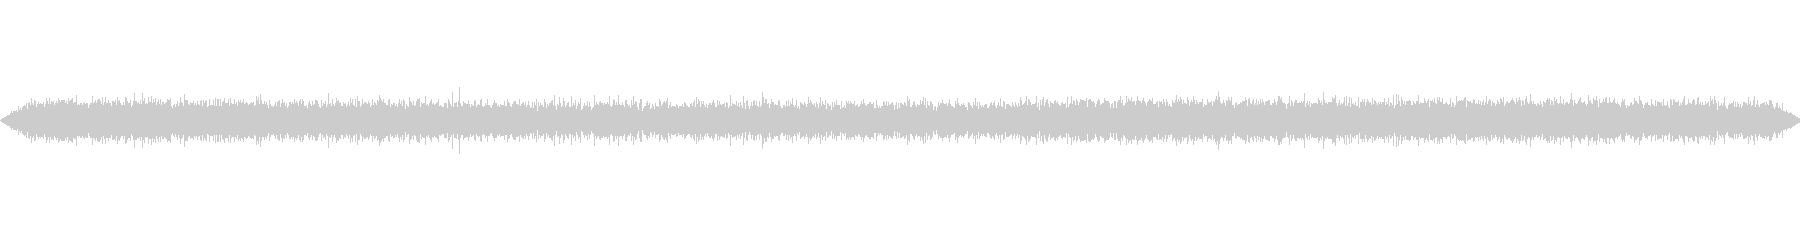 フライドポテトなどの揚げ物の音の未再生の波形